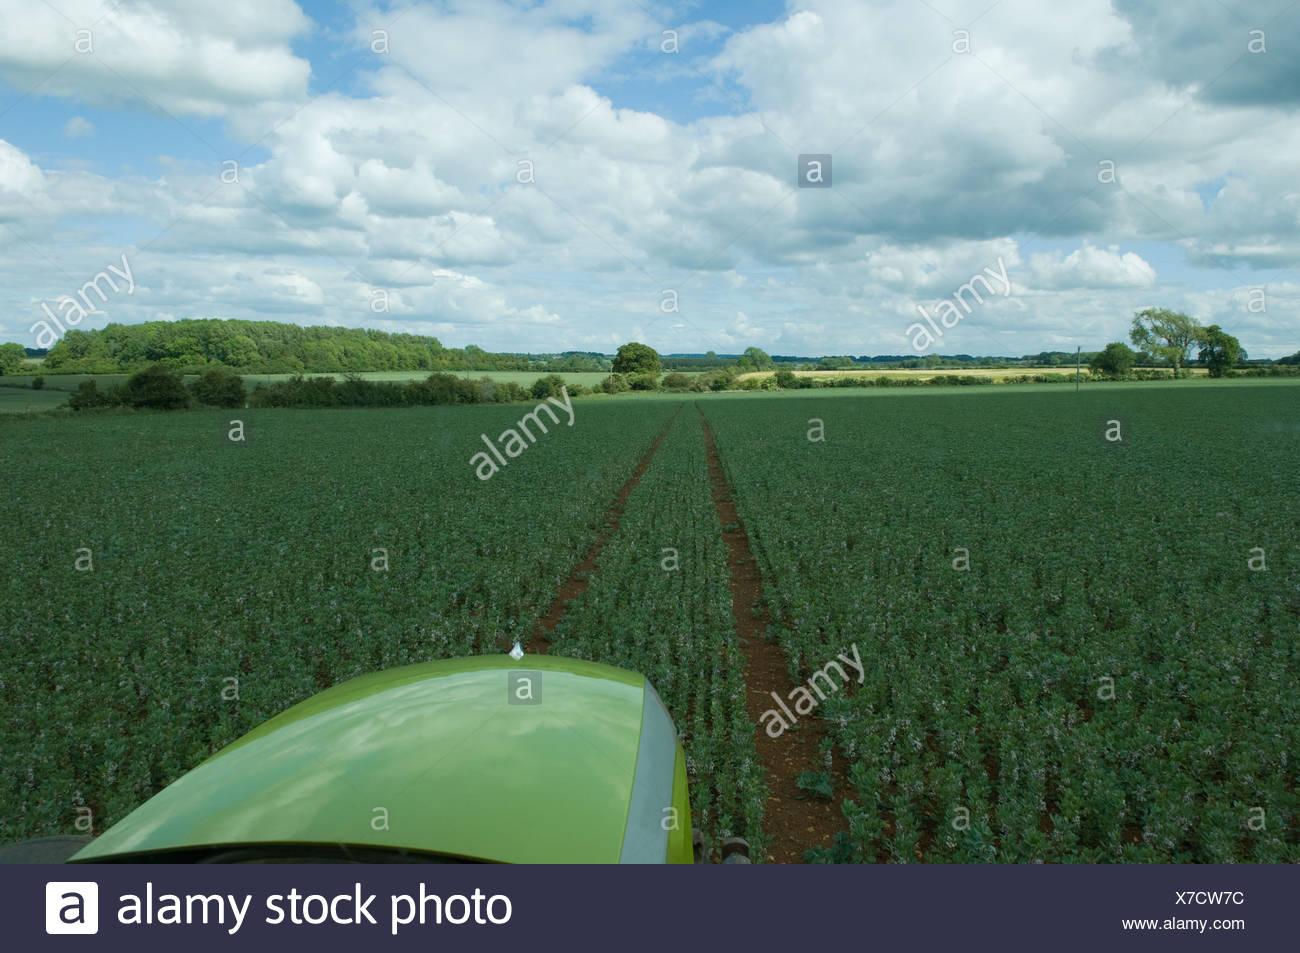 Guida del trattore attraverso il campo di grano Immagini Stock